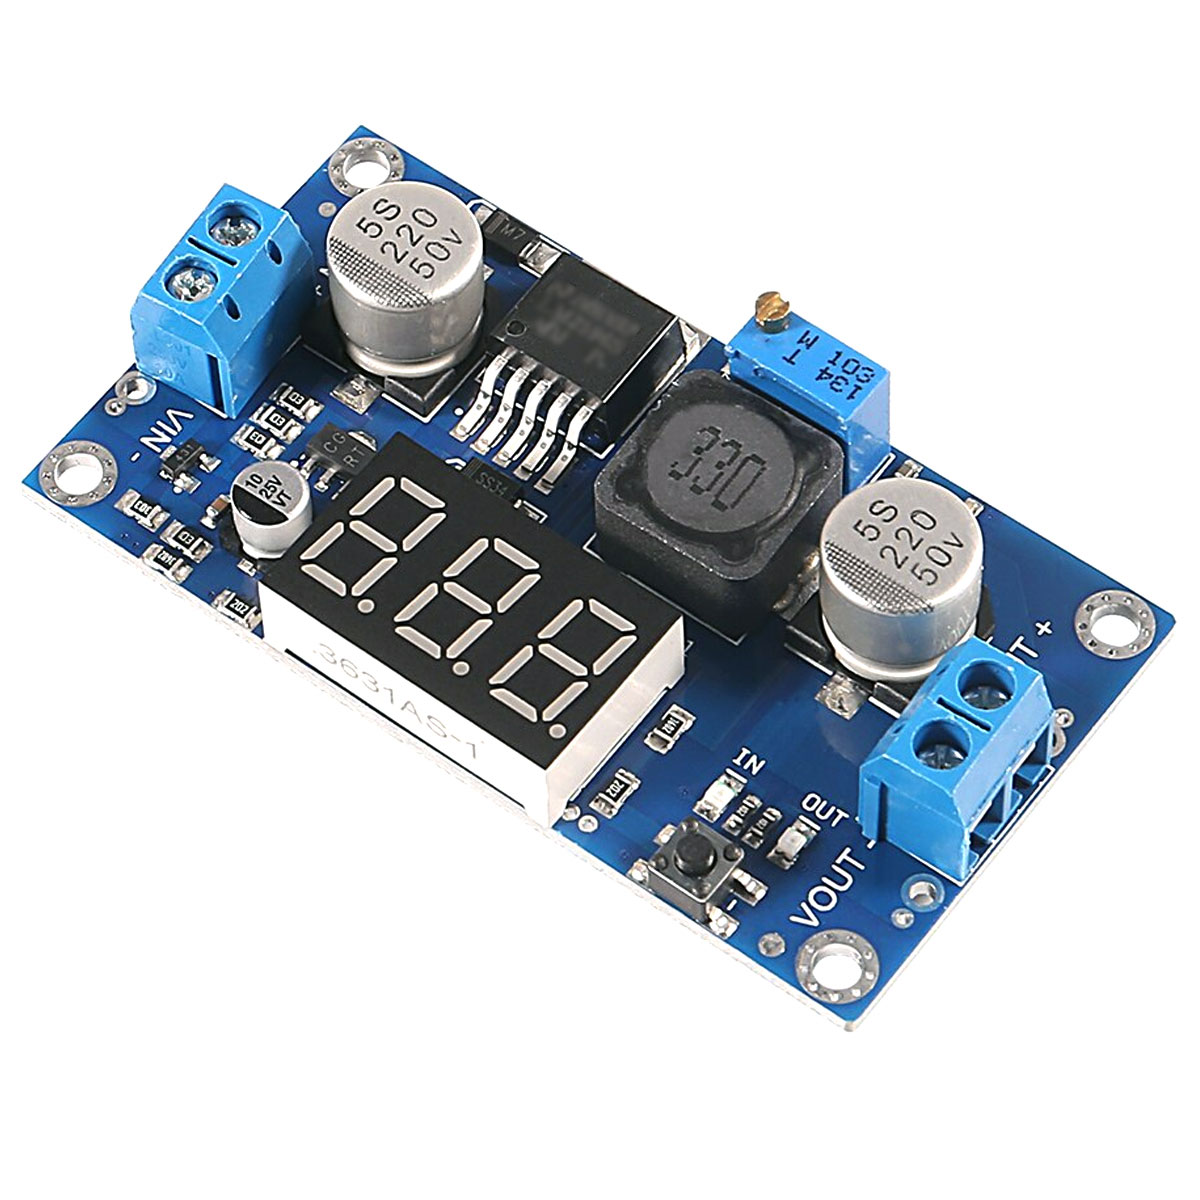 Módulo Regulador de Tensão Step Up XL6009 com Display Voltímetro